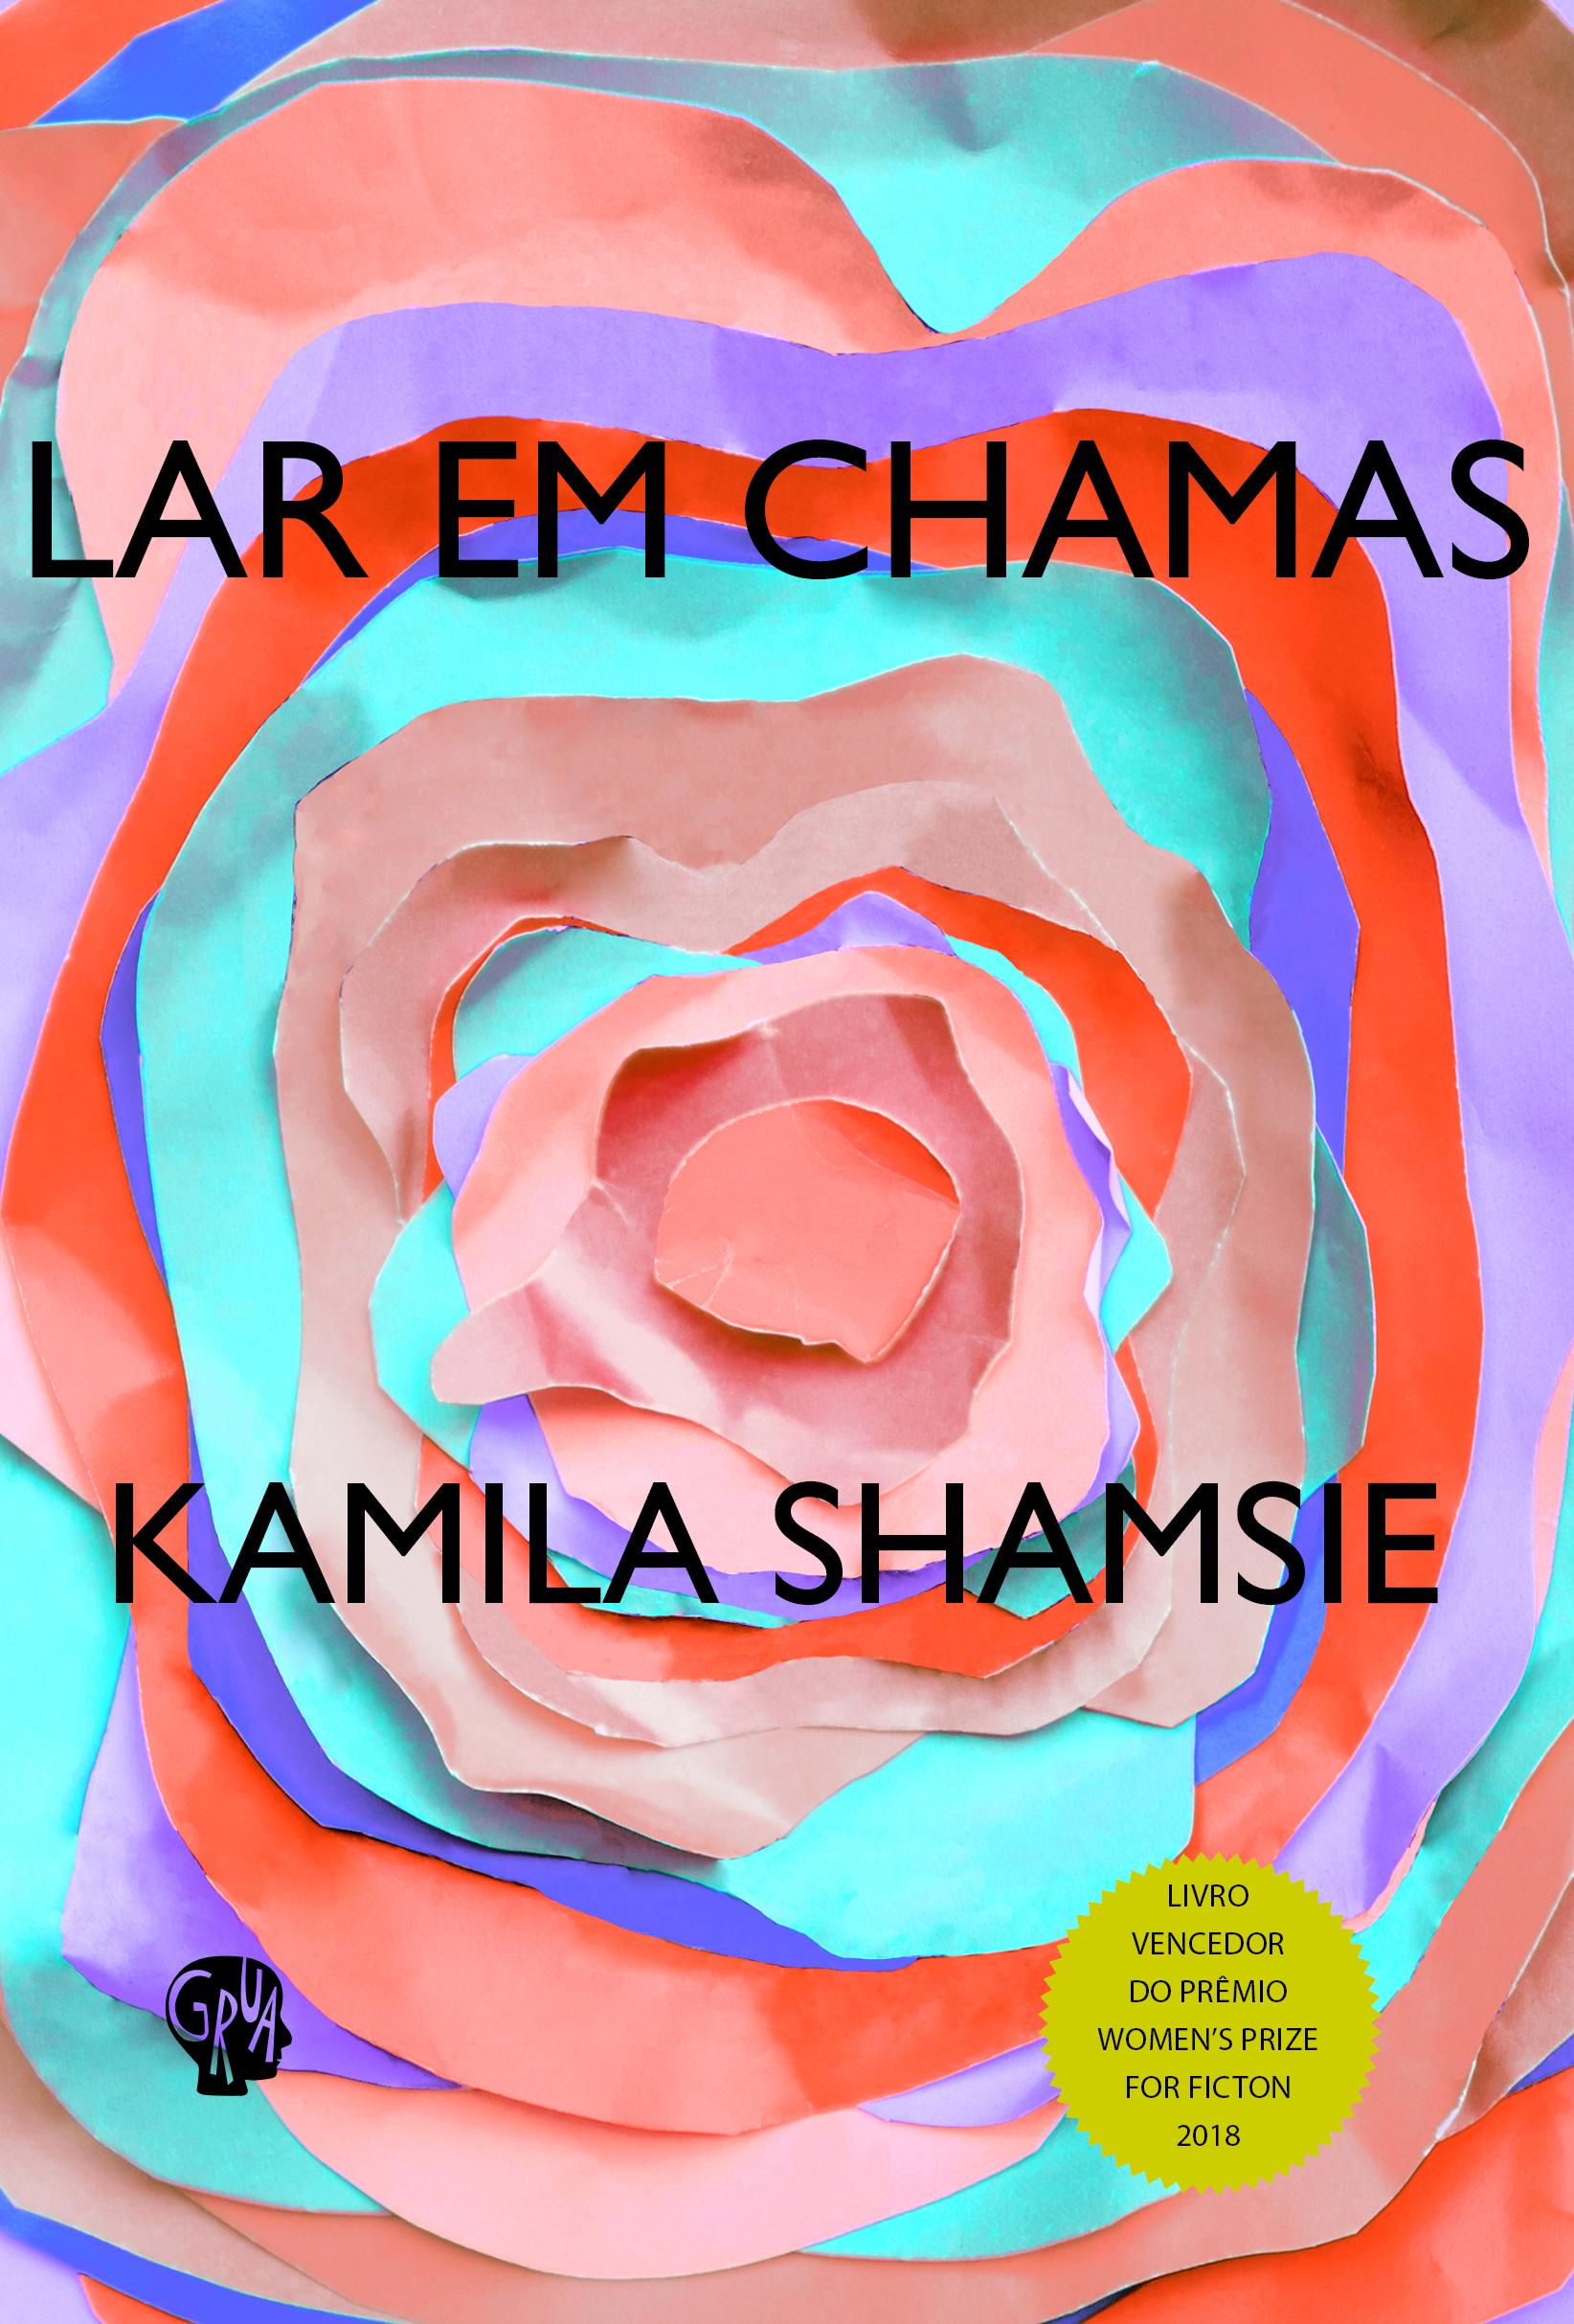 Lar em chamas, livro de Kamila Shamsie